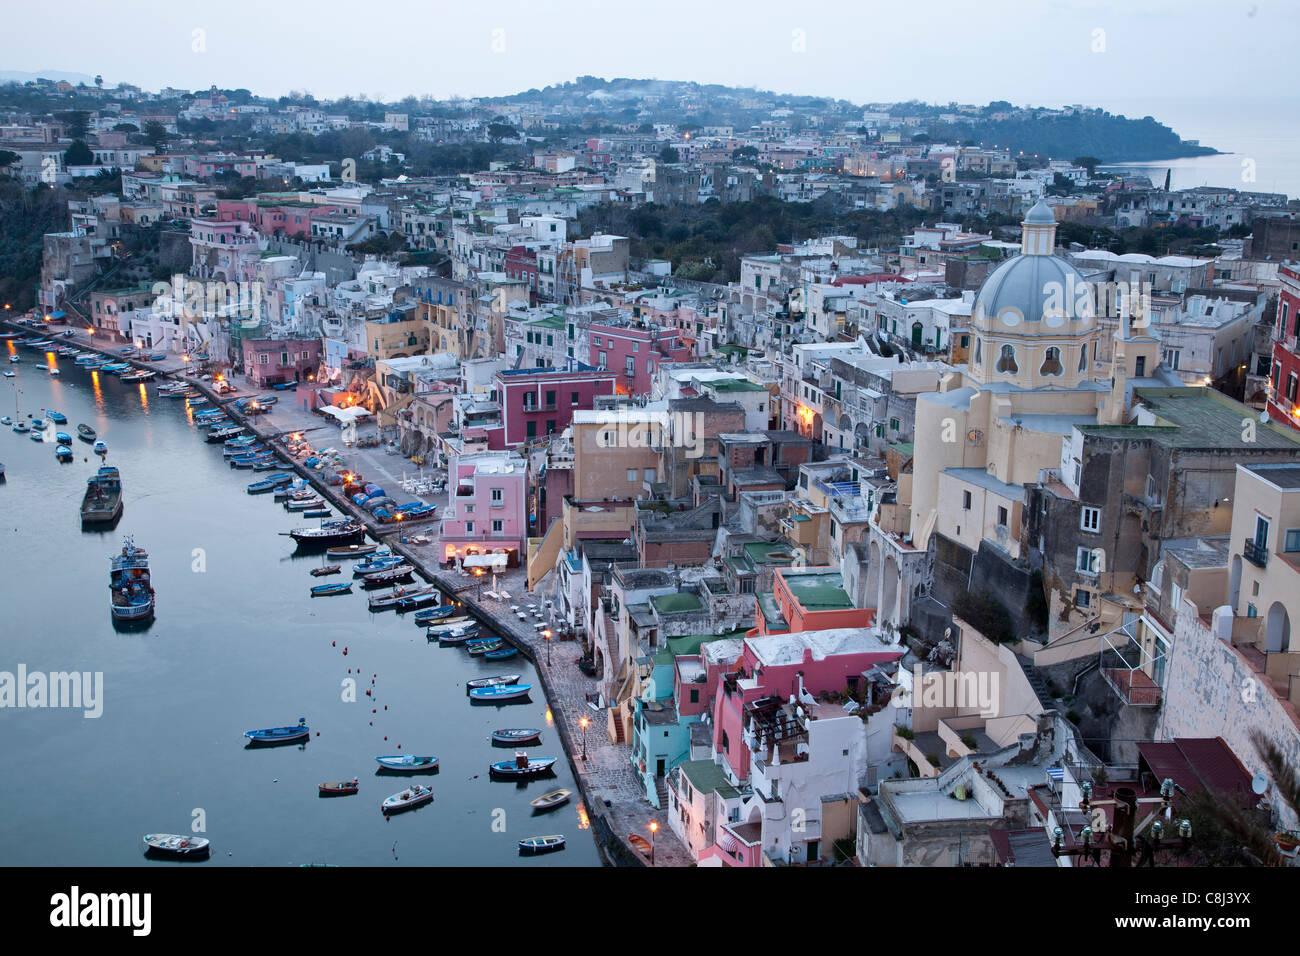 Abendstimmung, Campania, Fischereihafen, Golf von Neapel, Hafen, Insel, Italien, Kampanien, Meer, Mittelmeer, Procida, - Stock Image